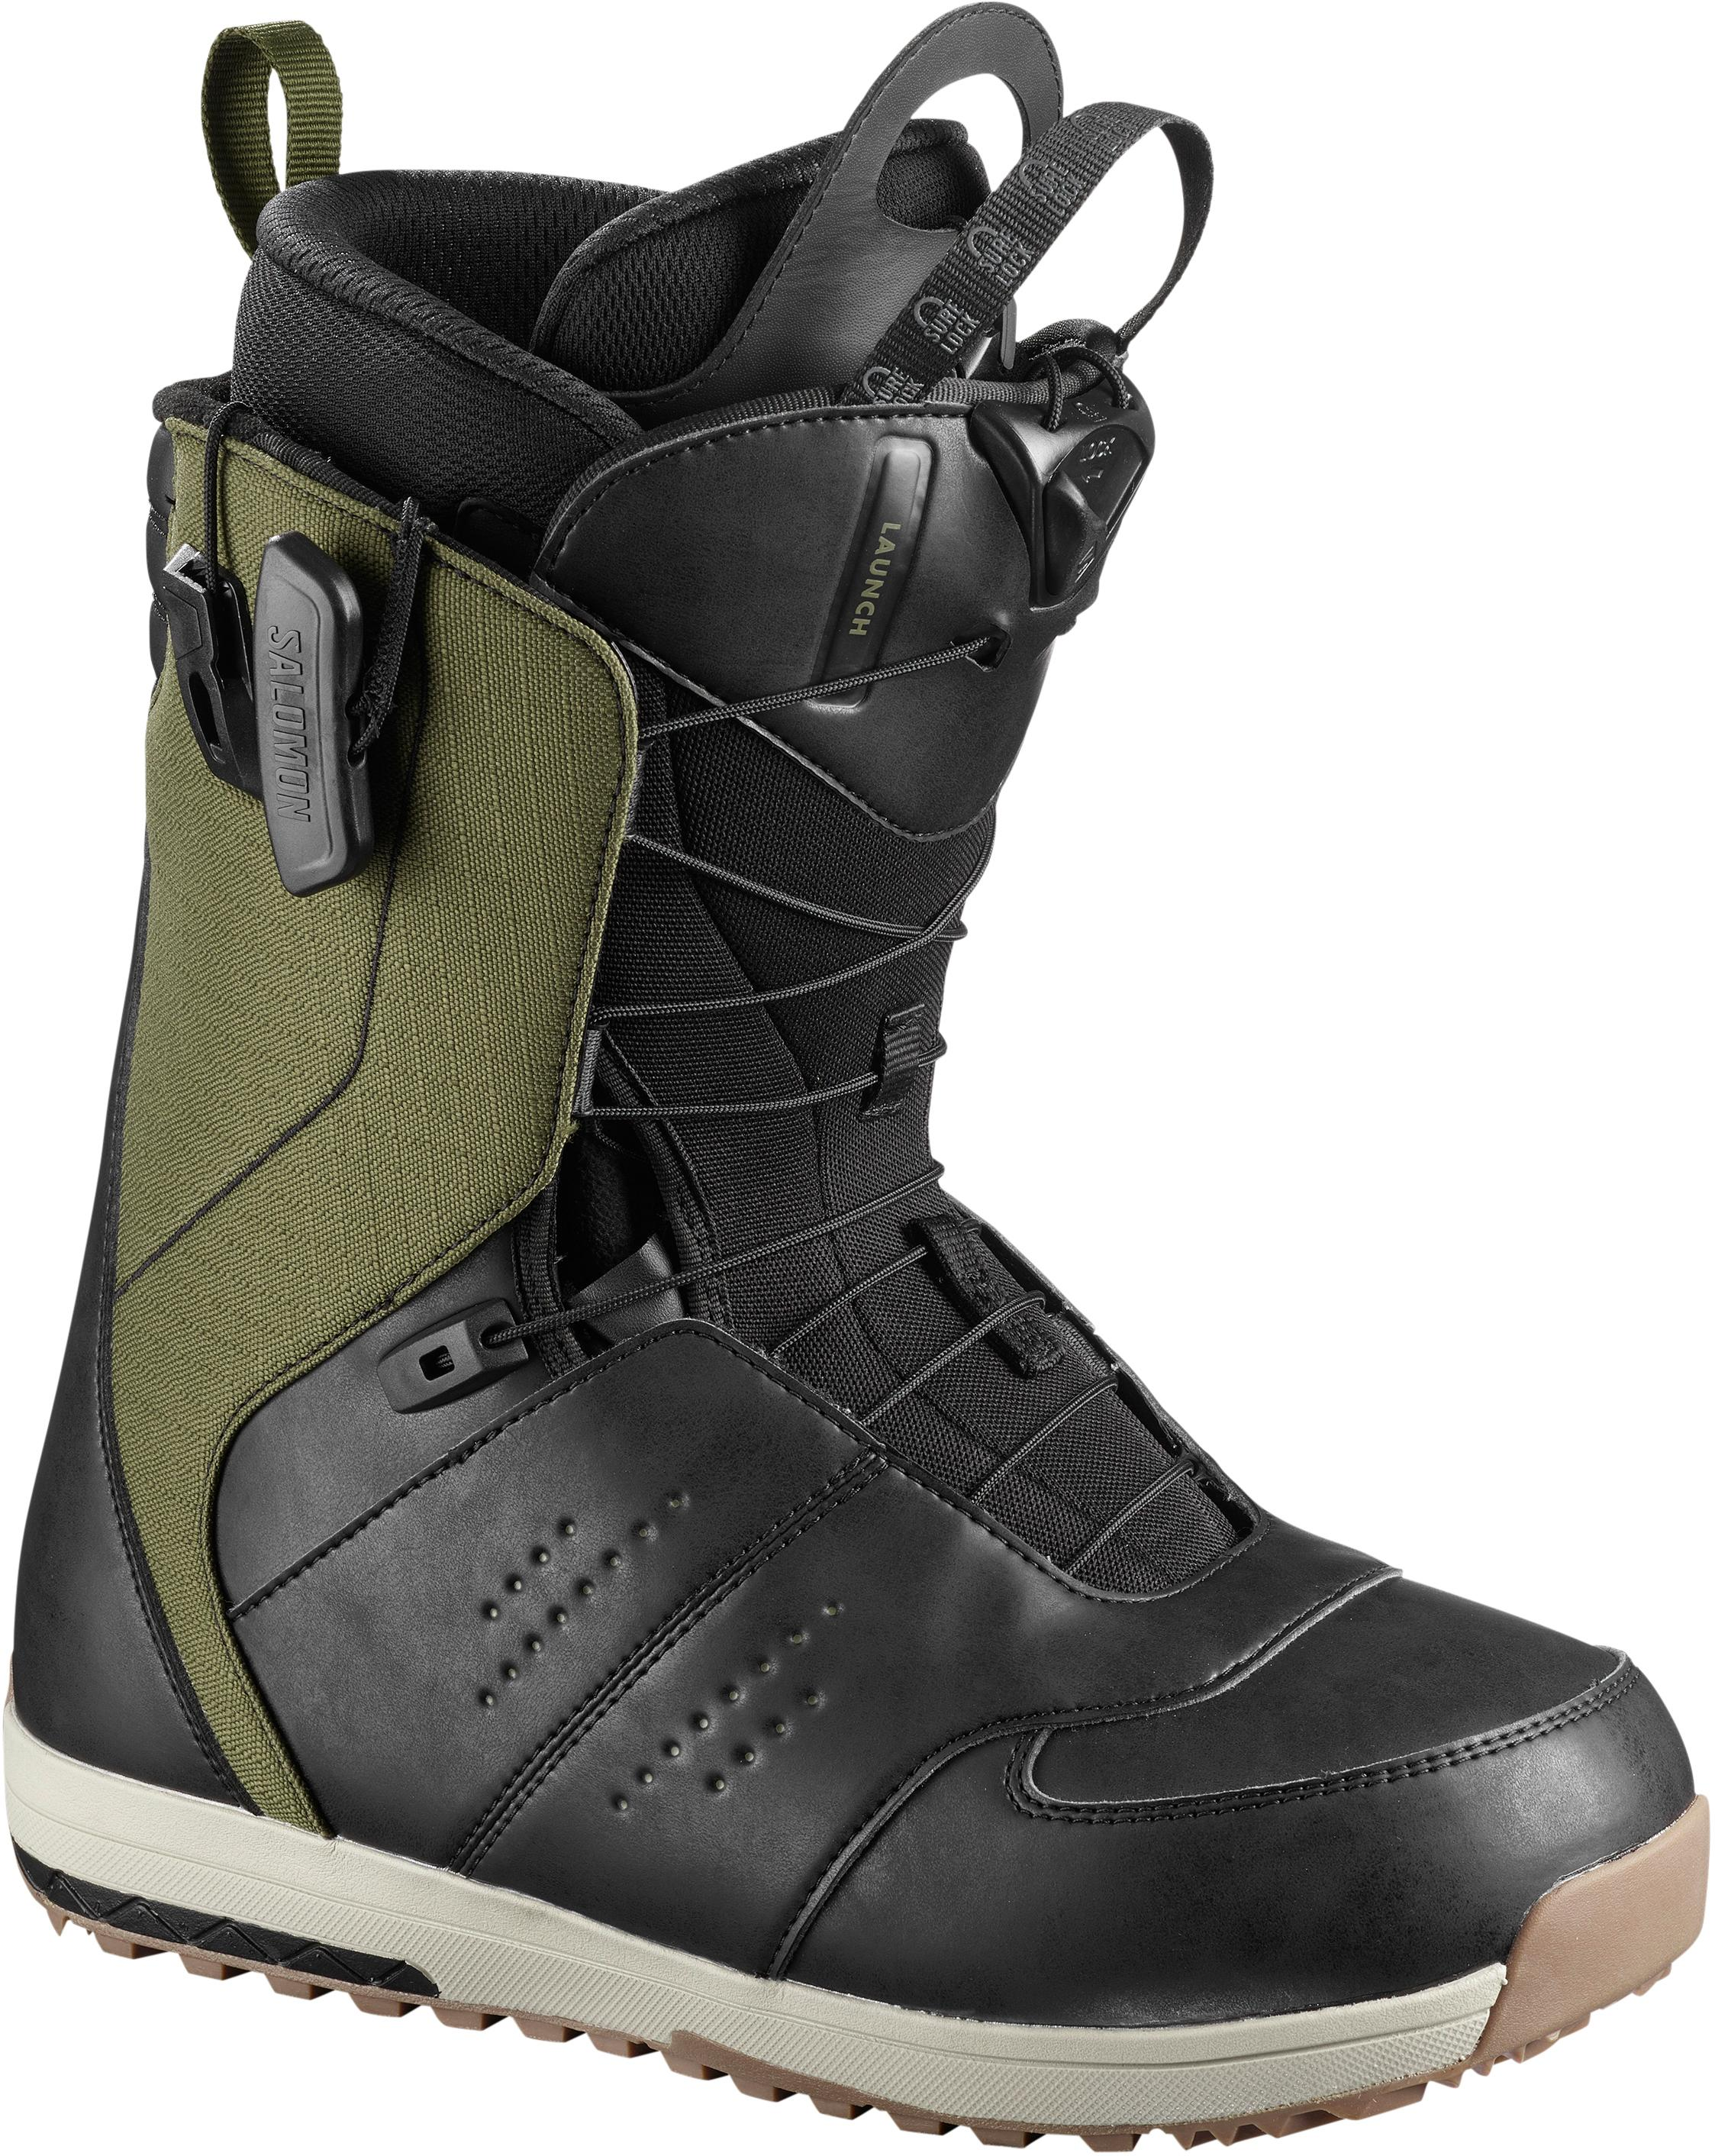 Günstig Über Online atShop24 Kaufen Schuhe Shop24 NwPX8k0ZnO